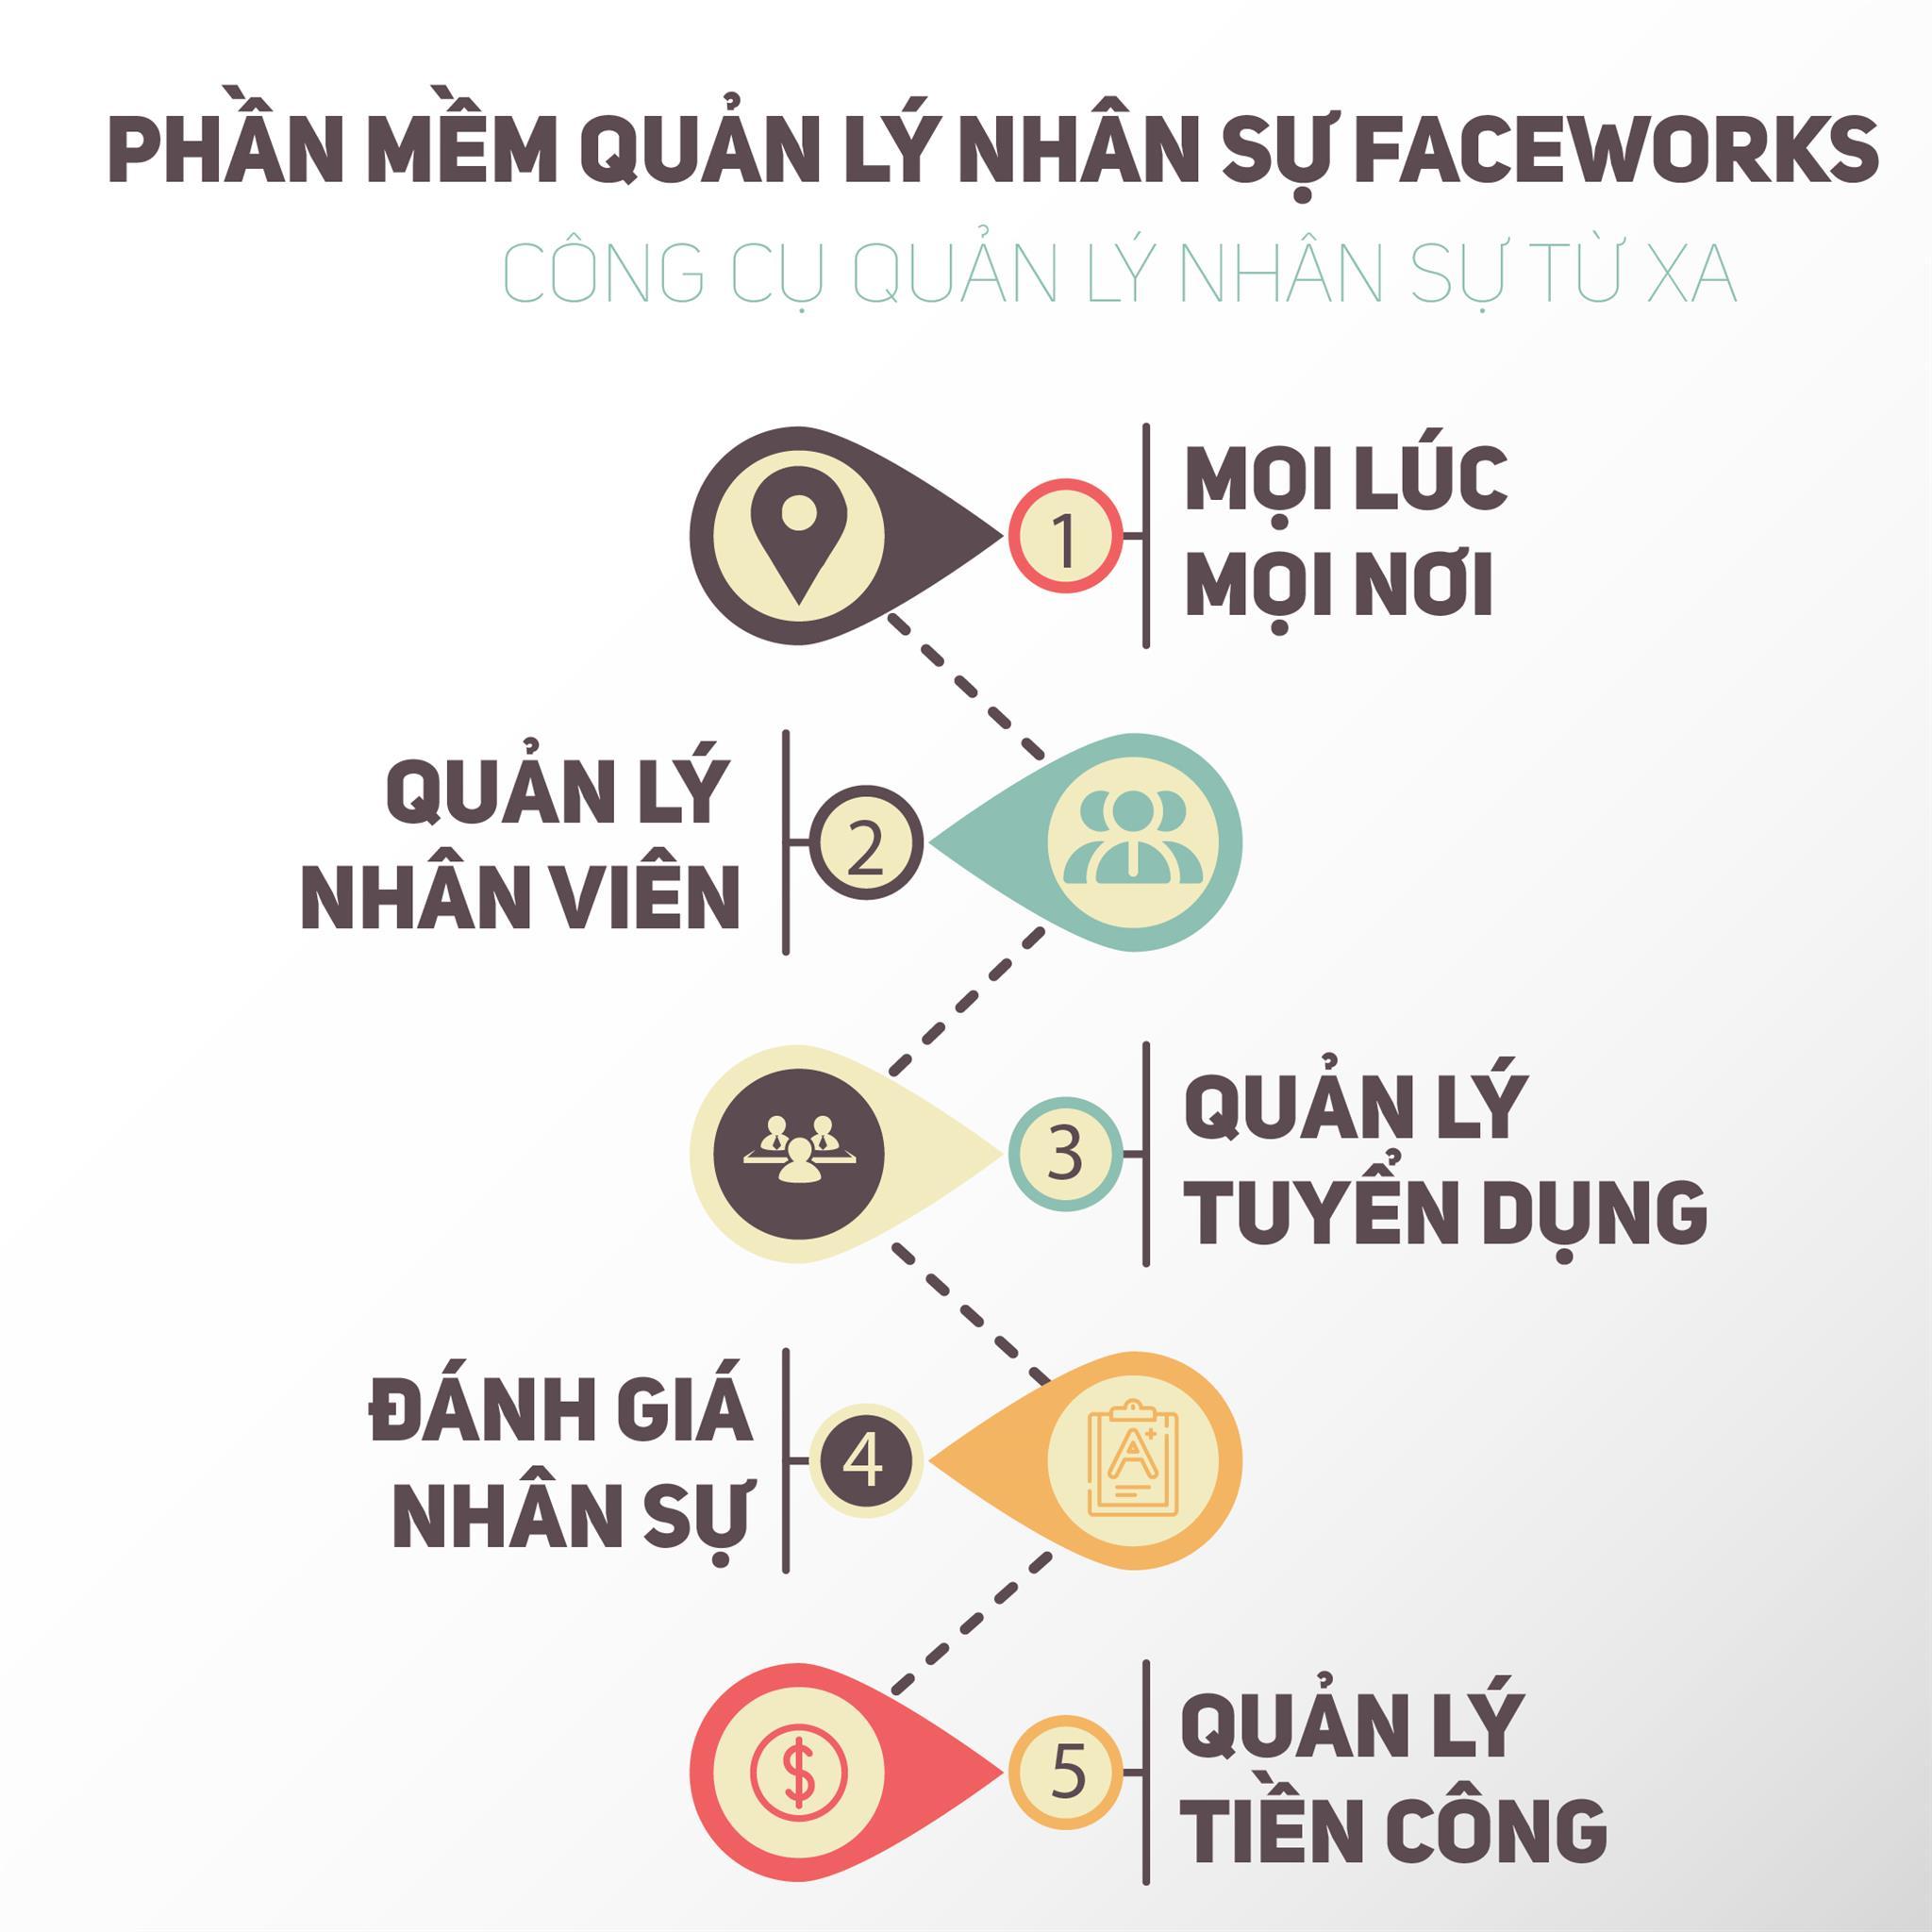 xu huong danh gia quan ly NHAN-SU-TU-XA- FACEWORKS-01